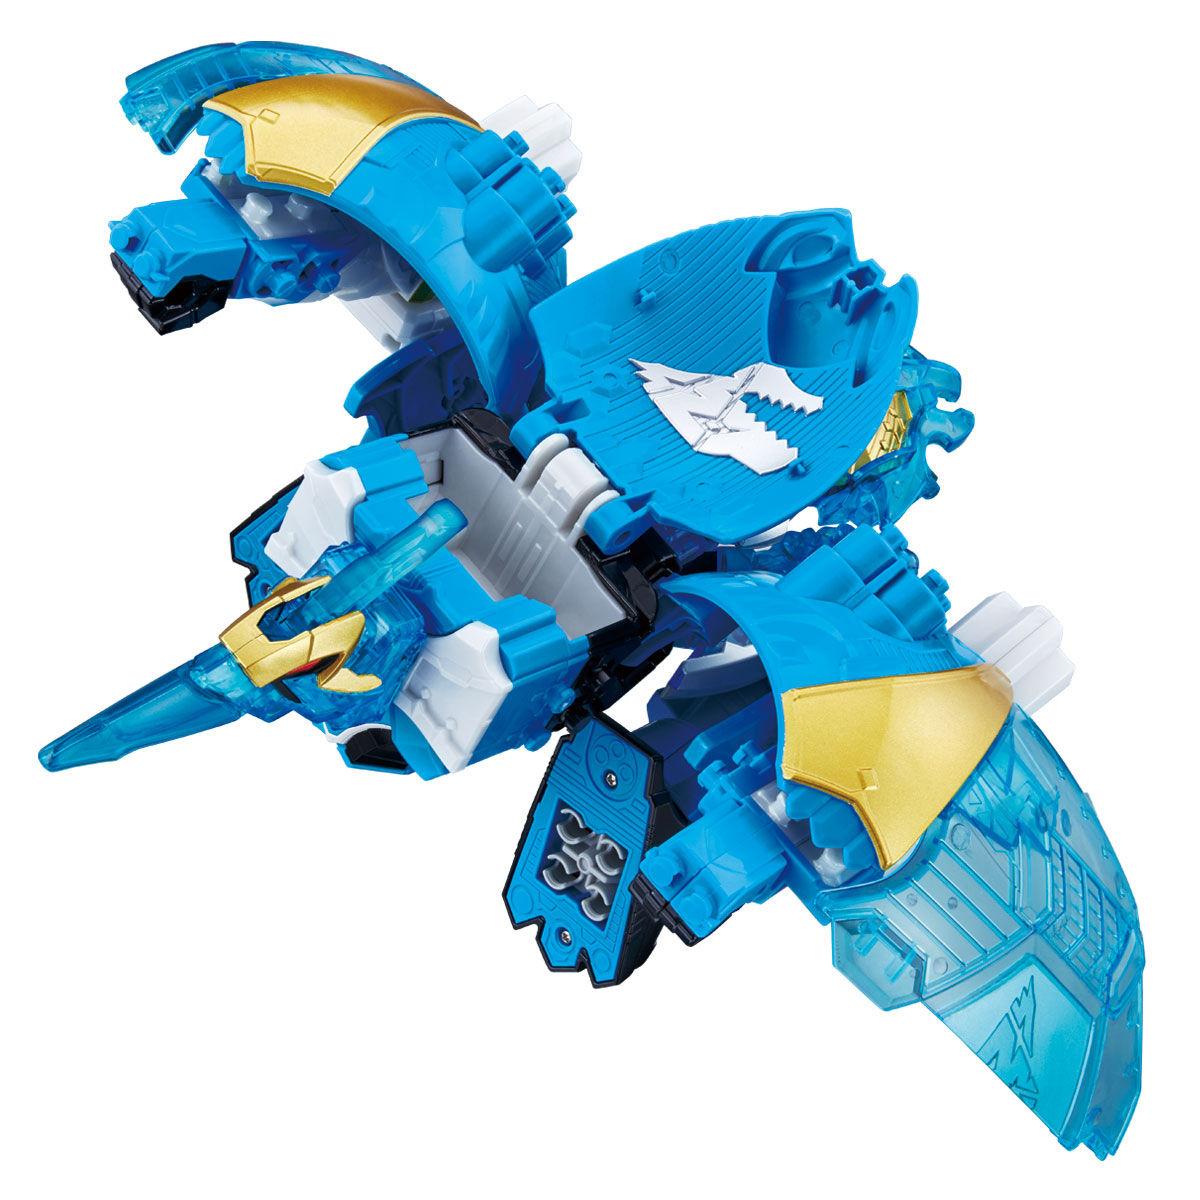 騎士竜戦隊リュウソウジャー『騎士竜シリーズ11 竜装変形 DXヨクリュウオー』可変可動フィギュア-003